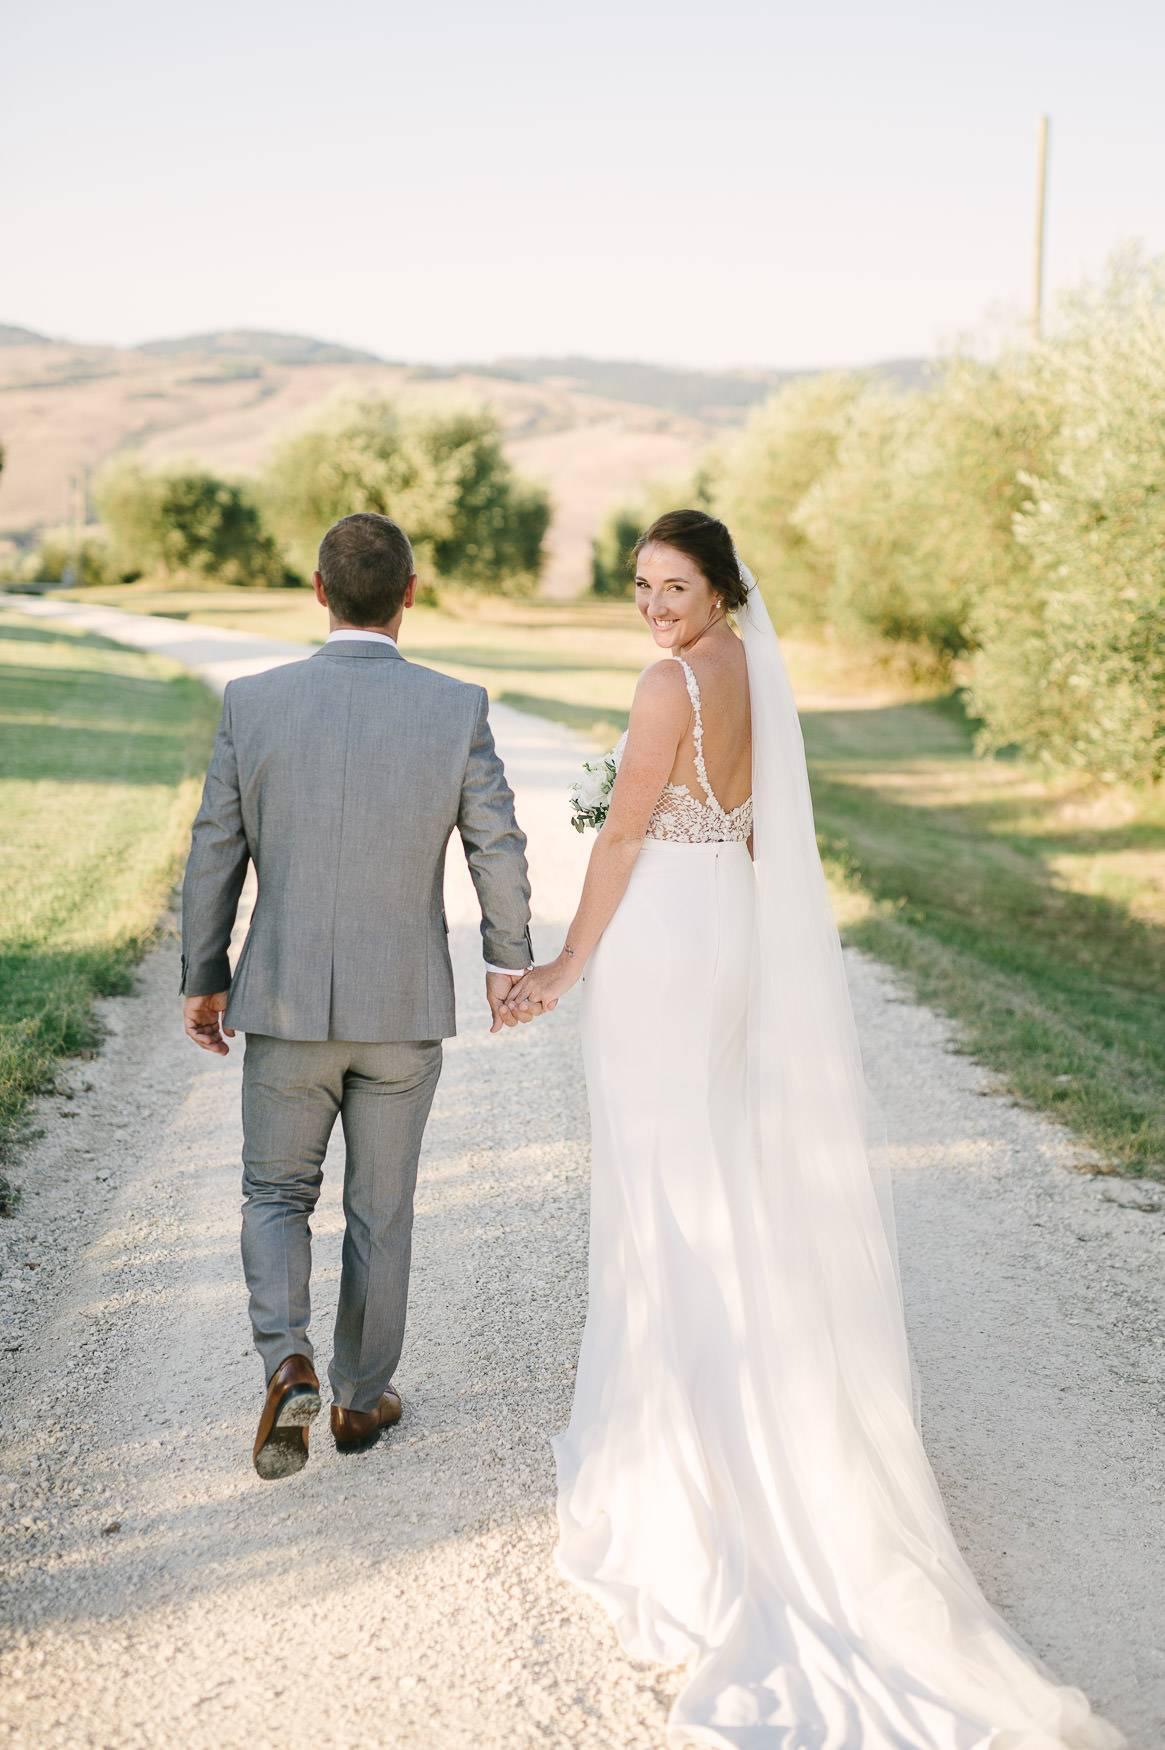 fotografo matrimonio verona 9